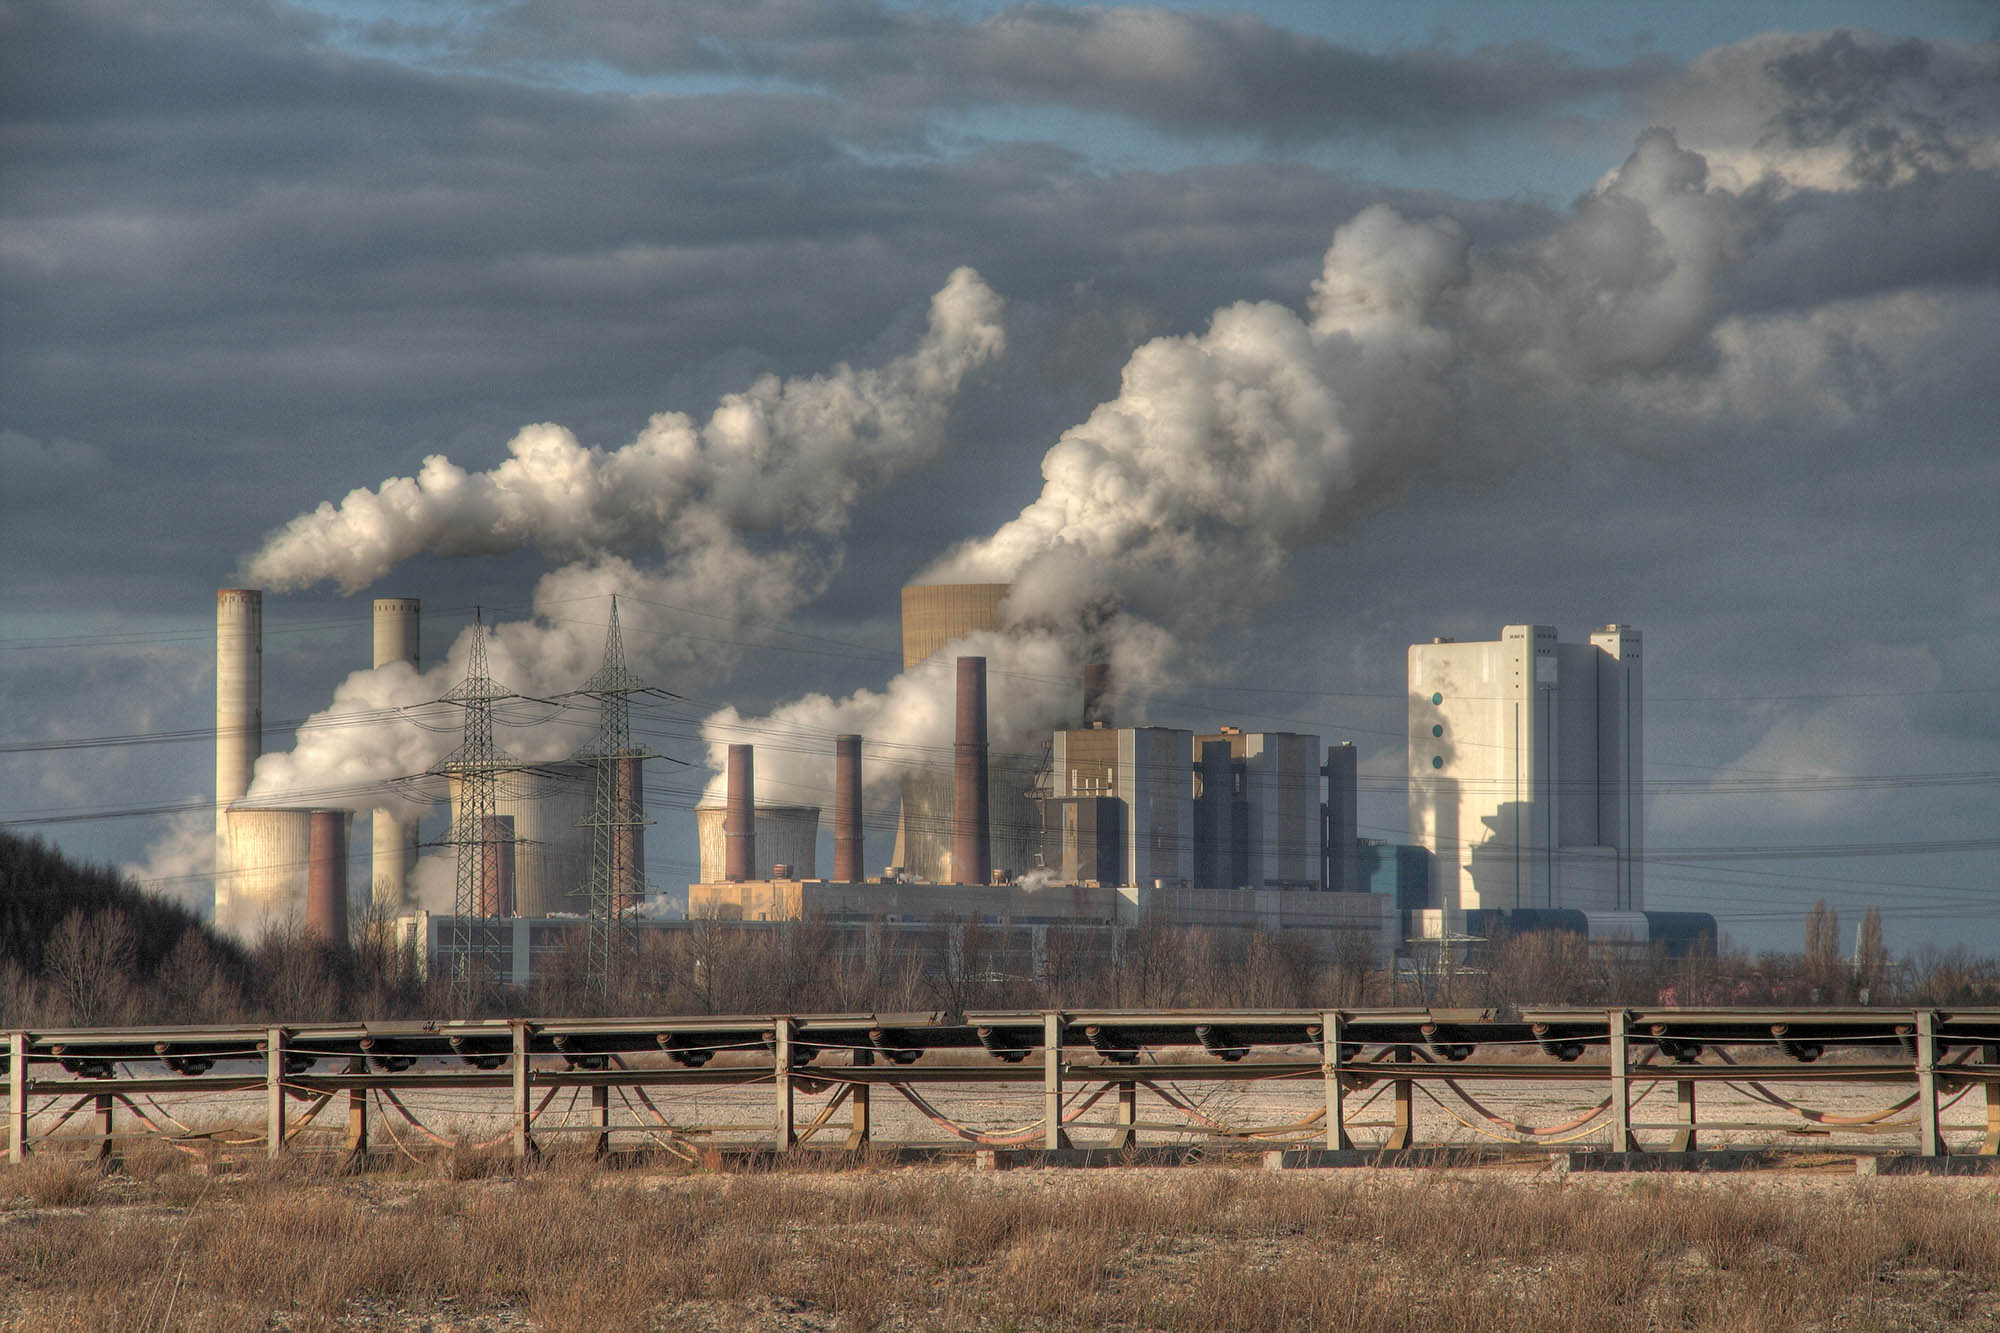 燃煤電廠投資成本高,營運成本低,未來轉換需要付出龐大費用,更是氣候變遷的主因之一,是具有高度碳鎖定風險的選項,許多國家皆已停止興建。圖片來源│iStock